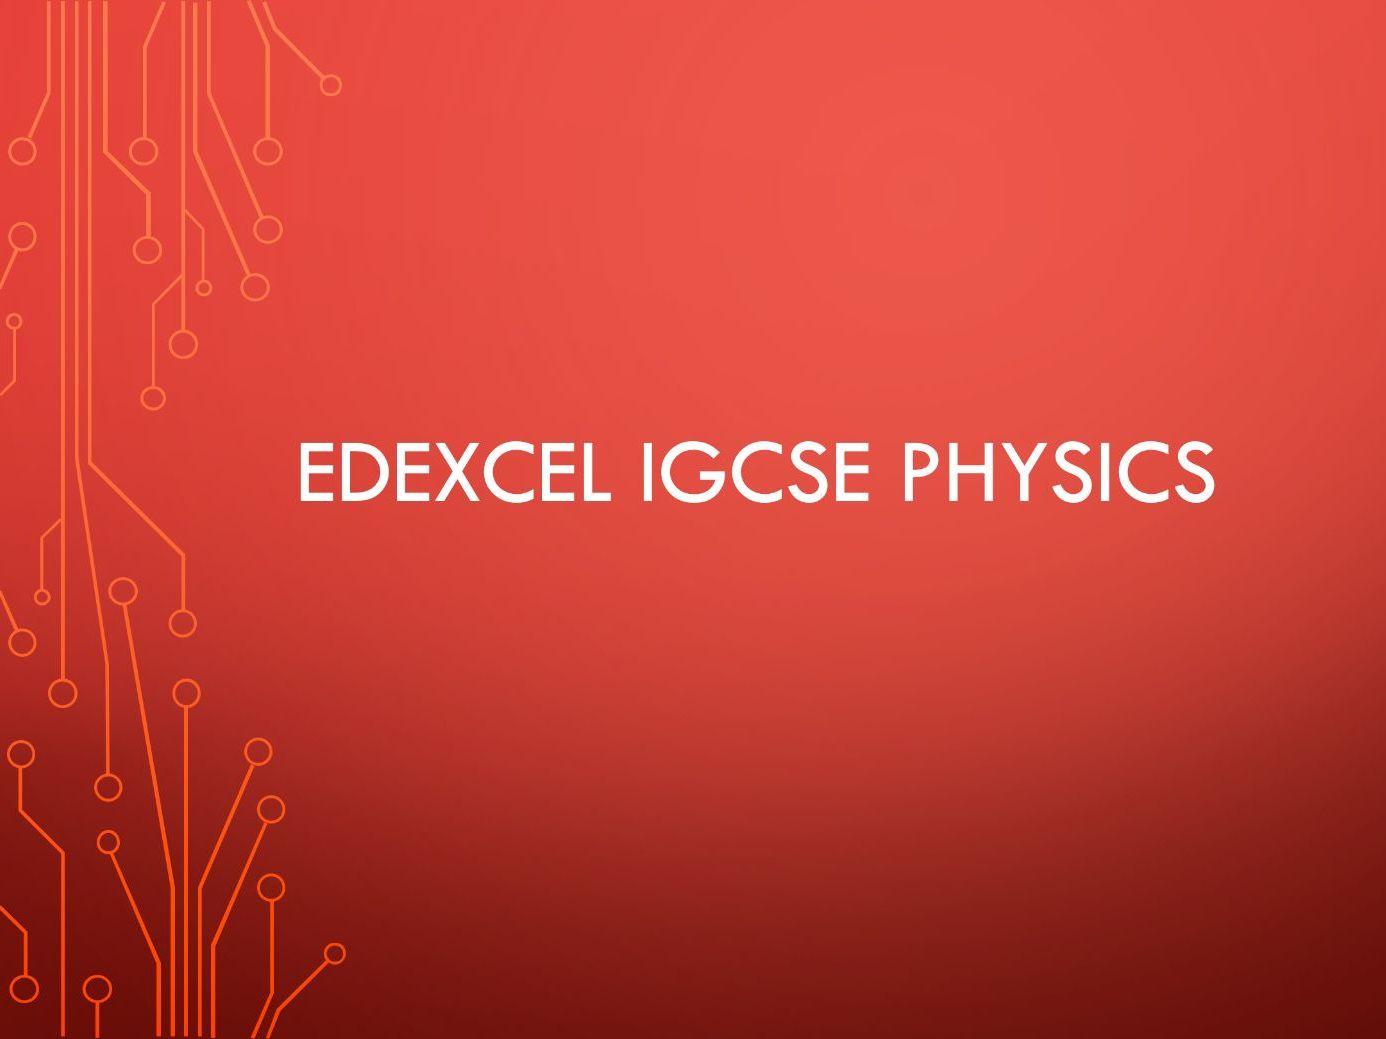 Physics Edexcel IGCSE PowerPoints - All units